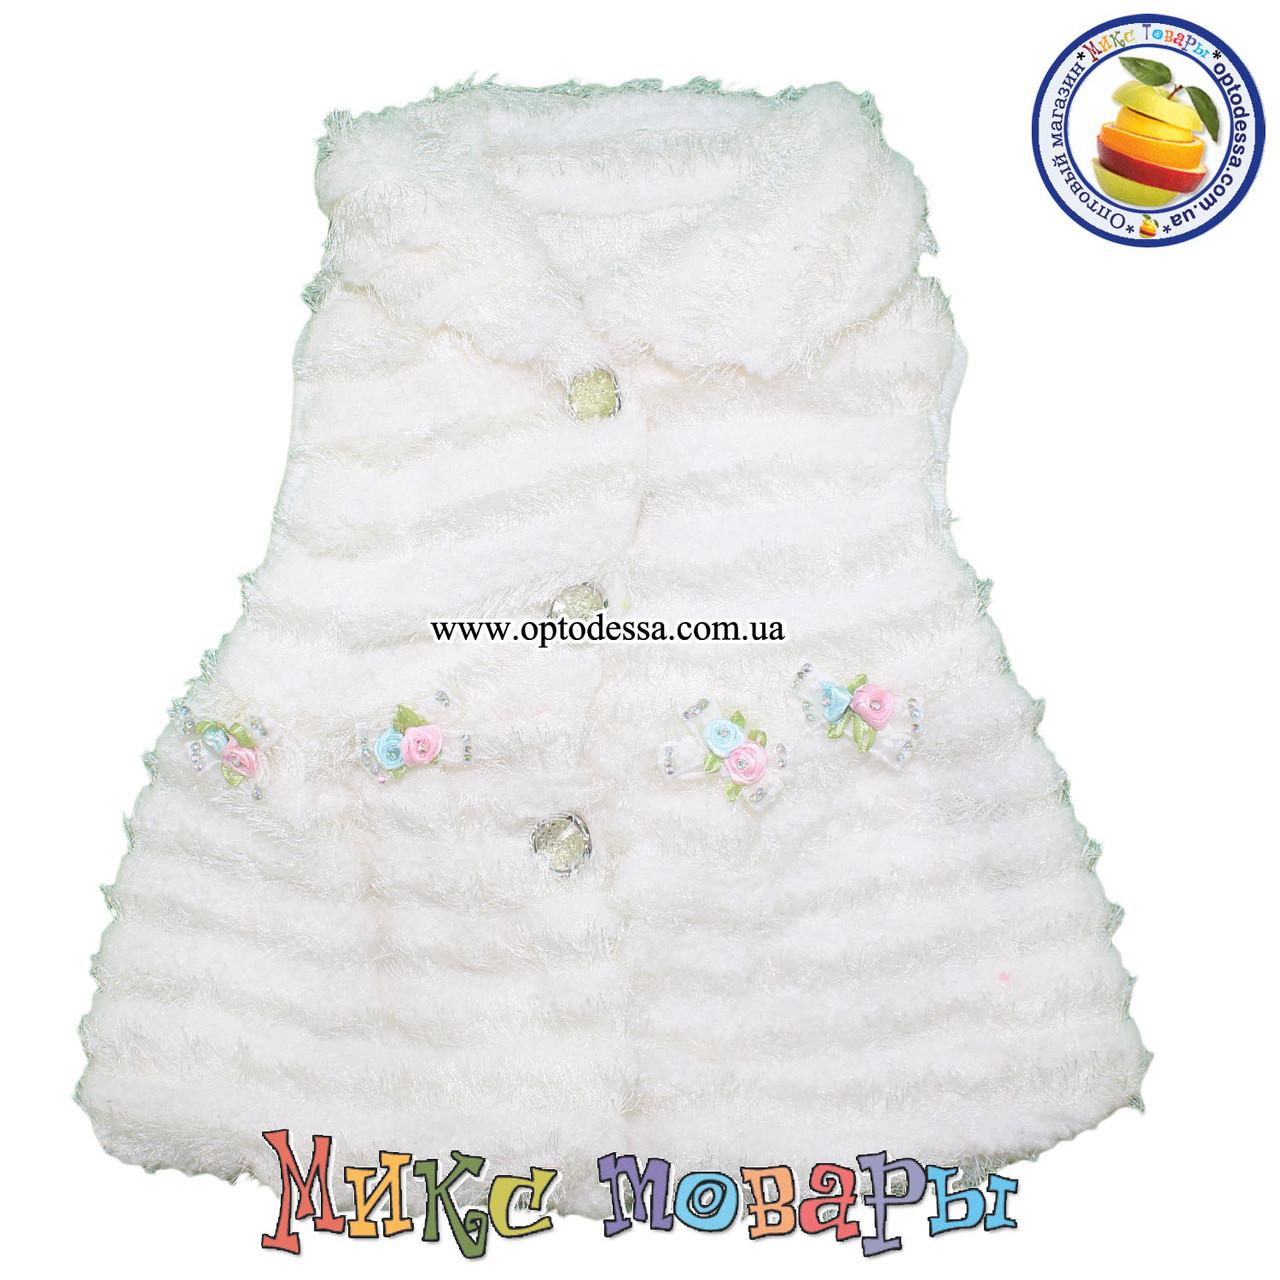 Жилетка белого цвета из искусственного меха от 2 до 5 лет (4658) - Микс товары - детская одежда оптом, детские и подростковые джинсы, детская одежда оптом на 7км в Одессе